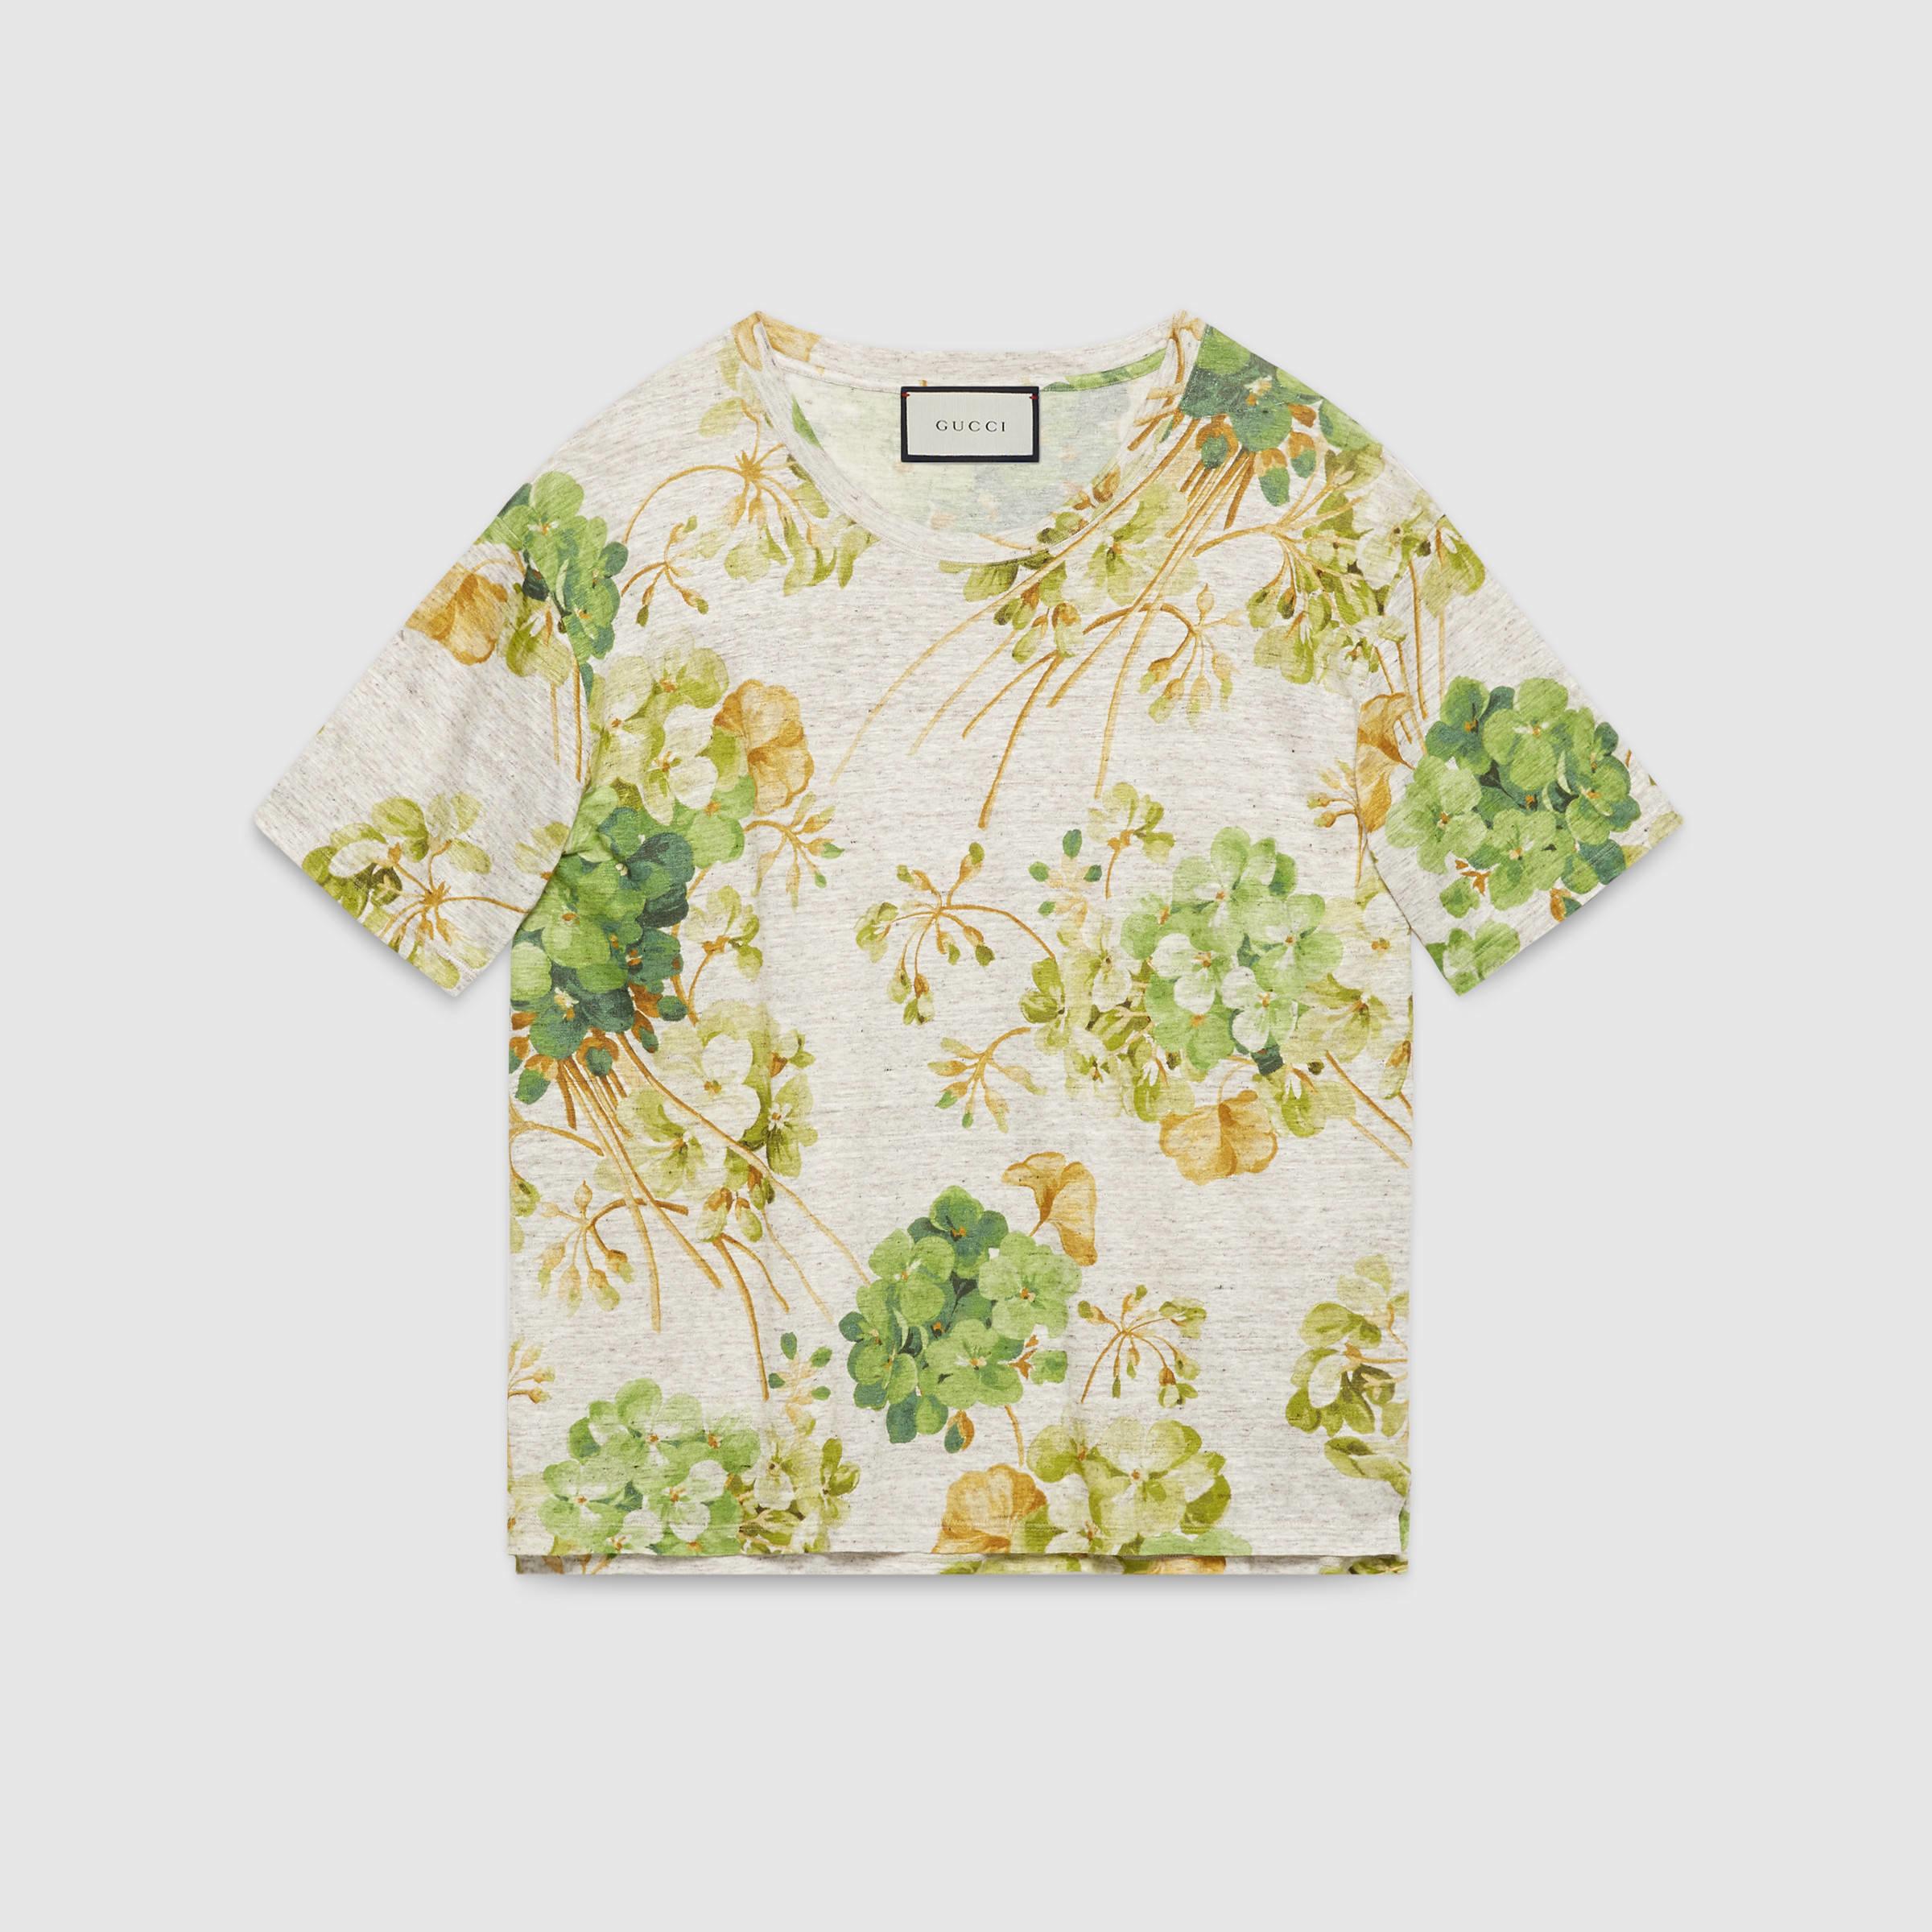 f8093b9a8 Gucci Blooms Print Linen Jersey T-shirt for Men - Lyst